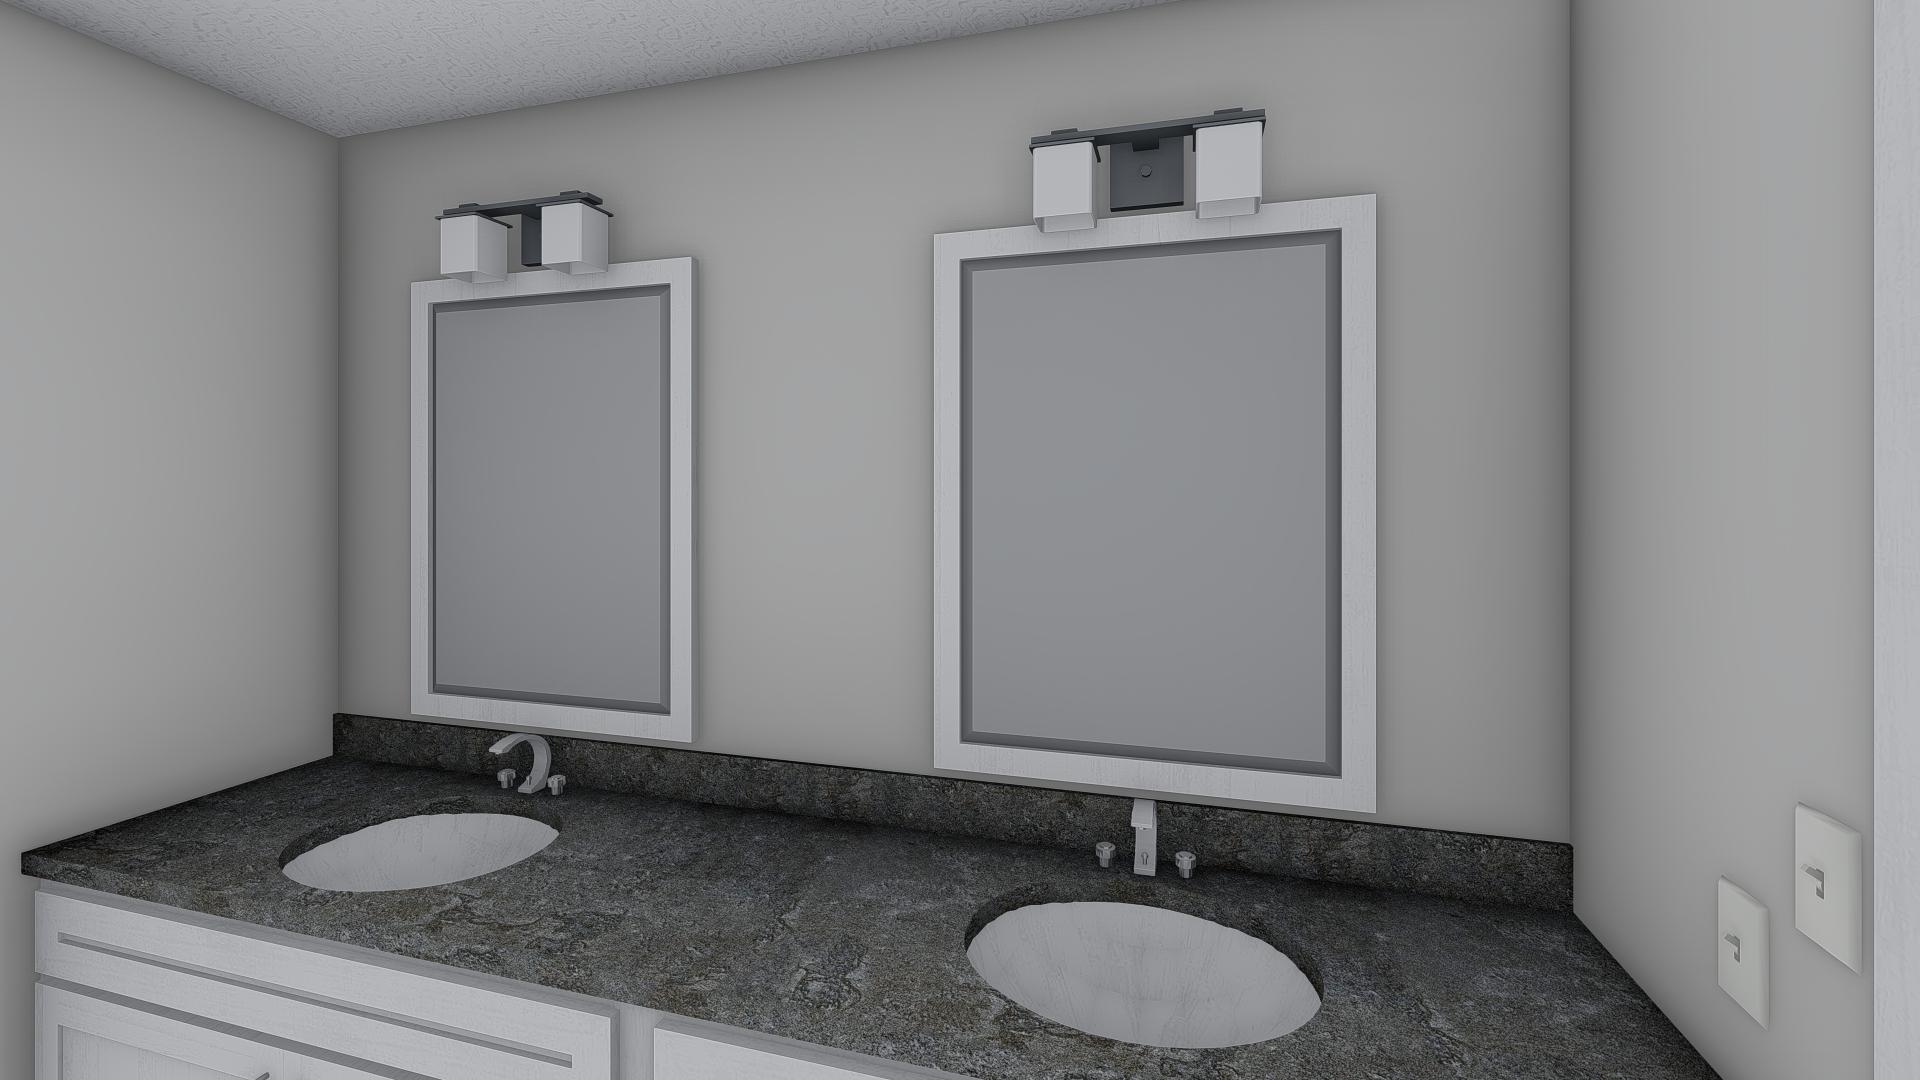 VA-103498 Render_Master Bath 1